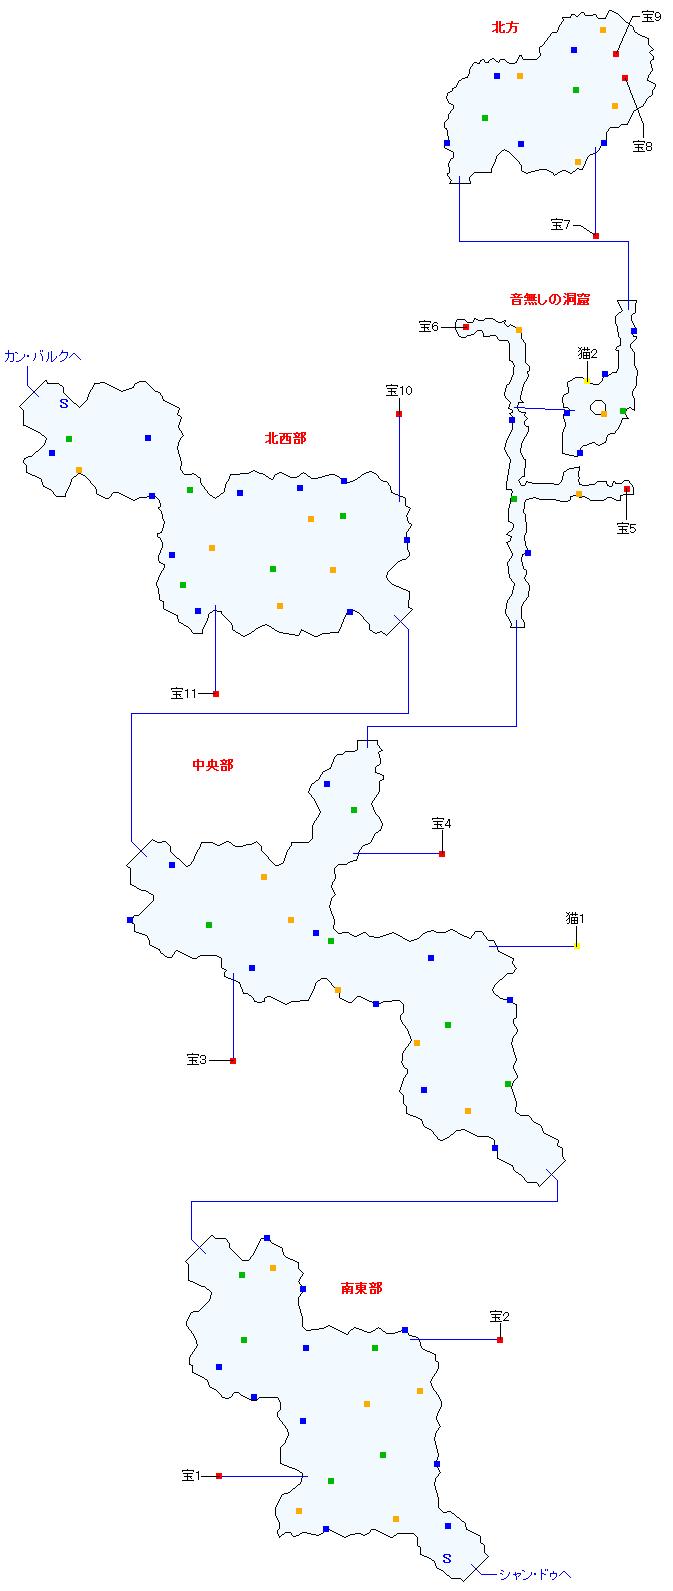 モン高原(正史世界)マップ画像